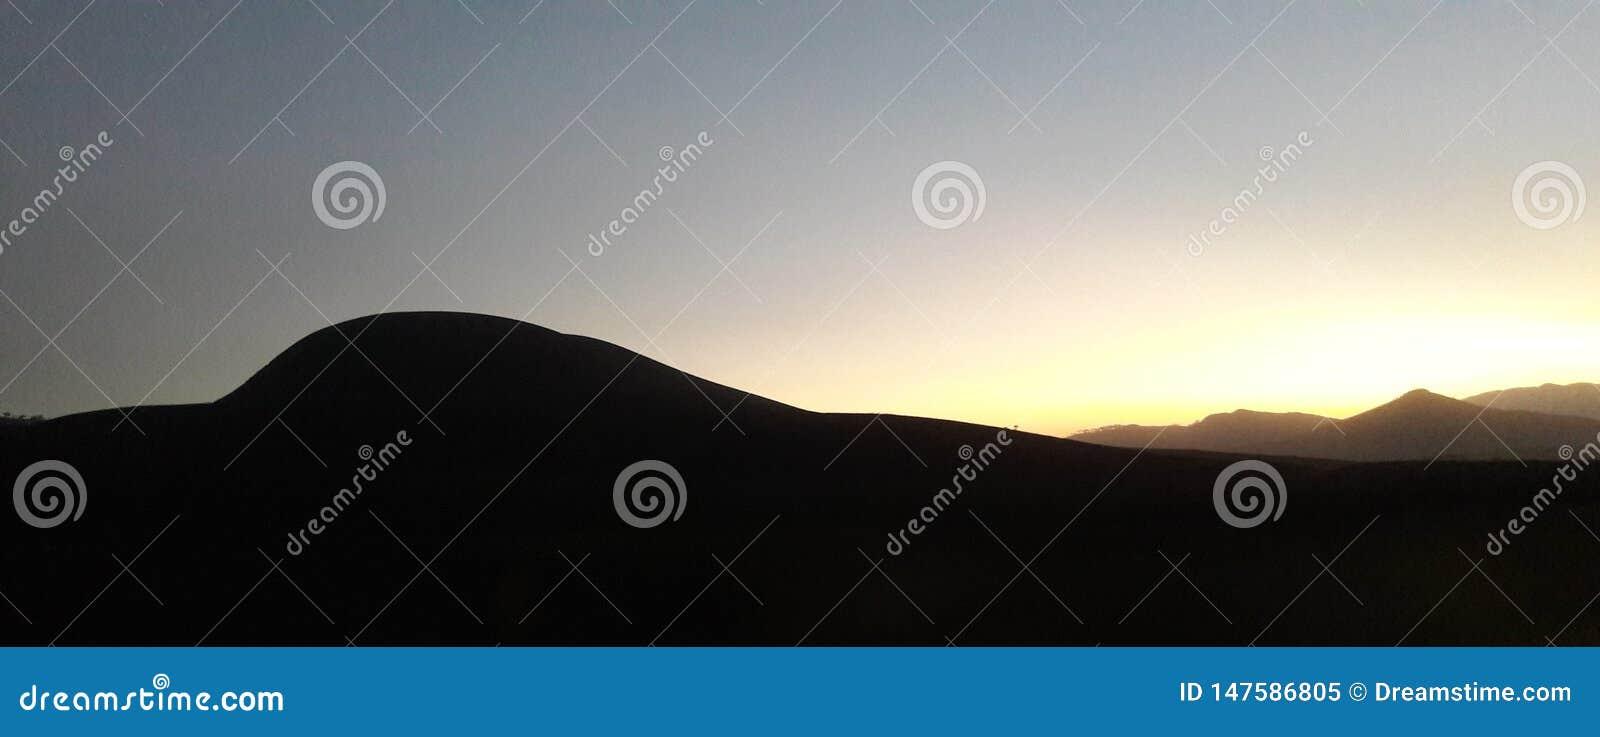 Paisajes hermosos de la puesta del sol